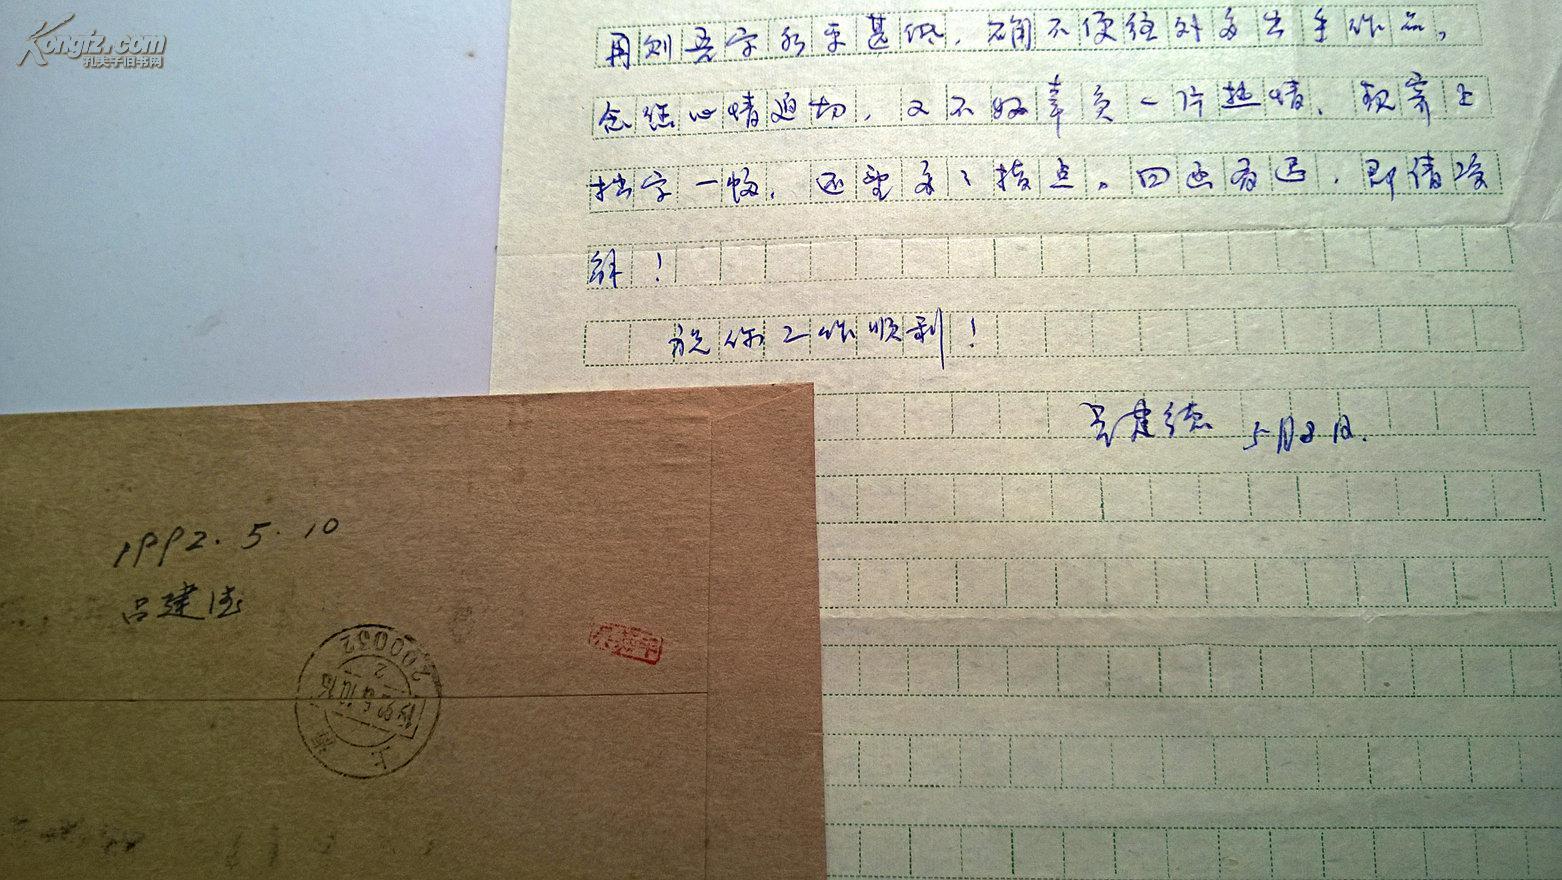 赵志刚先生上款信札之502 吕建德先生手札 当代著名书法家